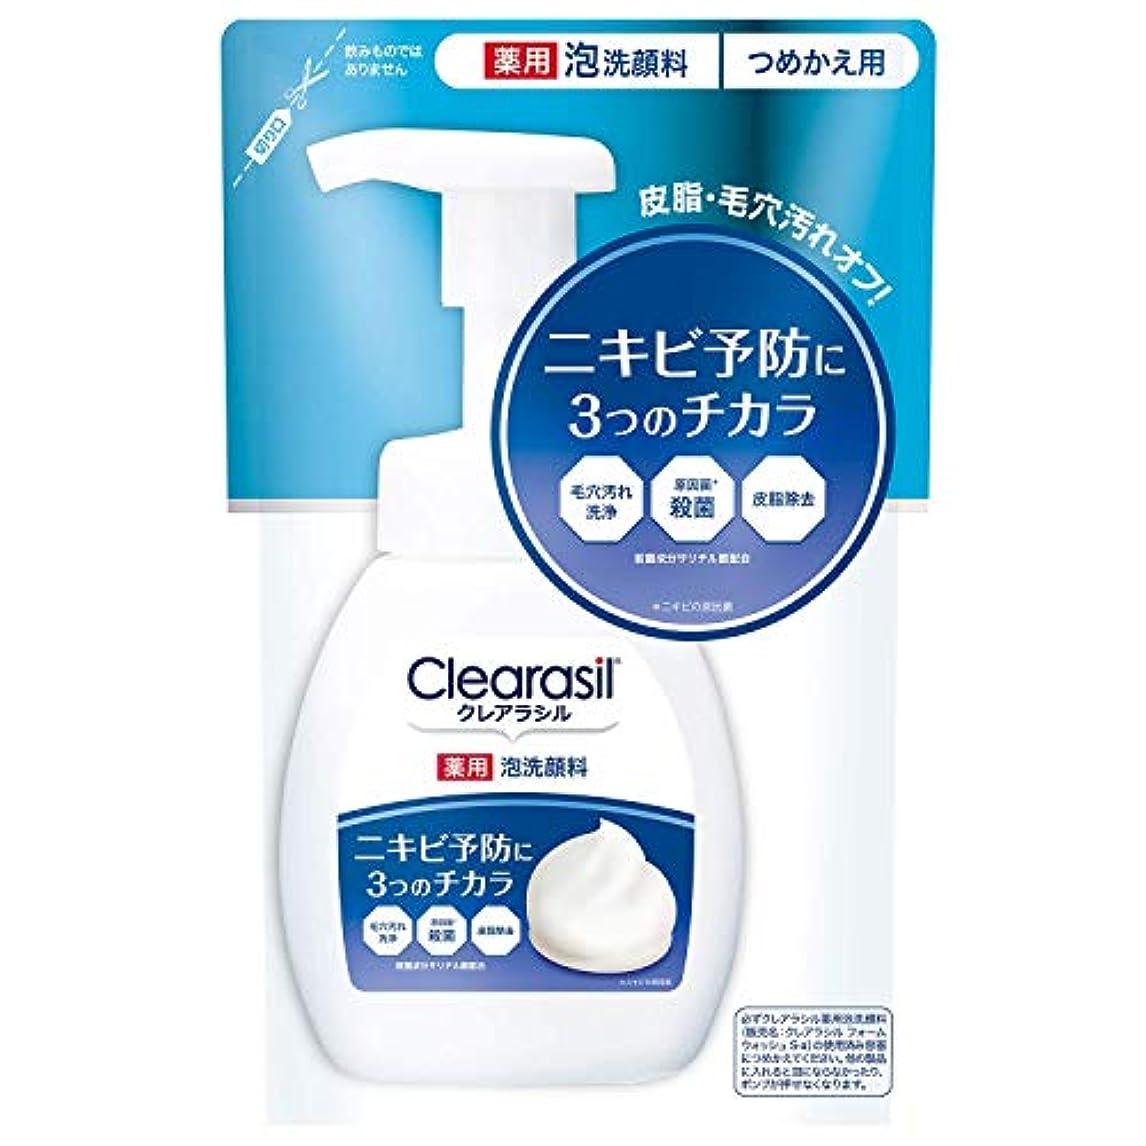 リストミント化学者クレアラシル 薬用泡洗顔フォーム10X 180ml ×2セット